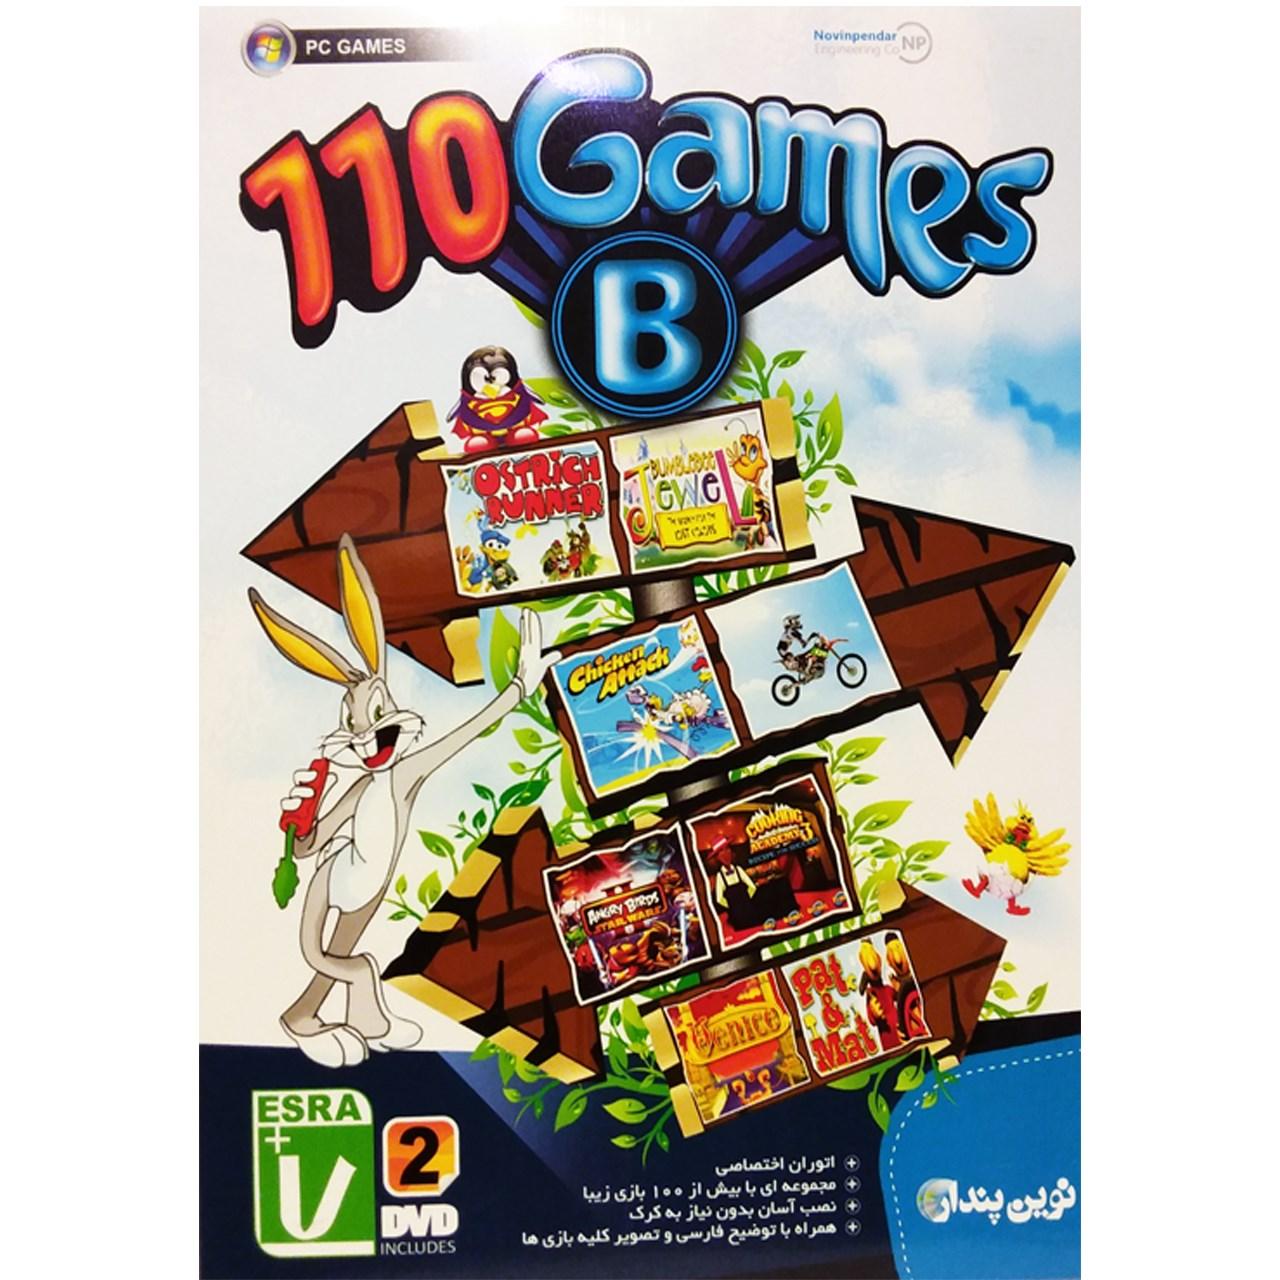 بازی 110Games - Series B مخصوص pc